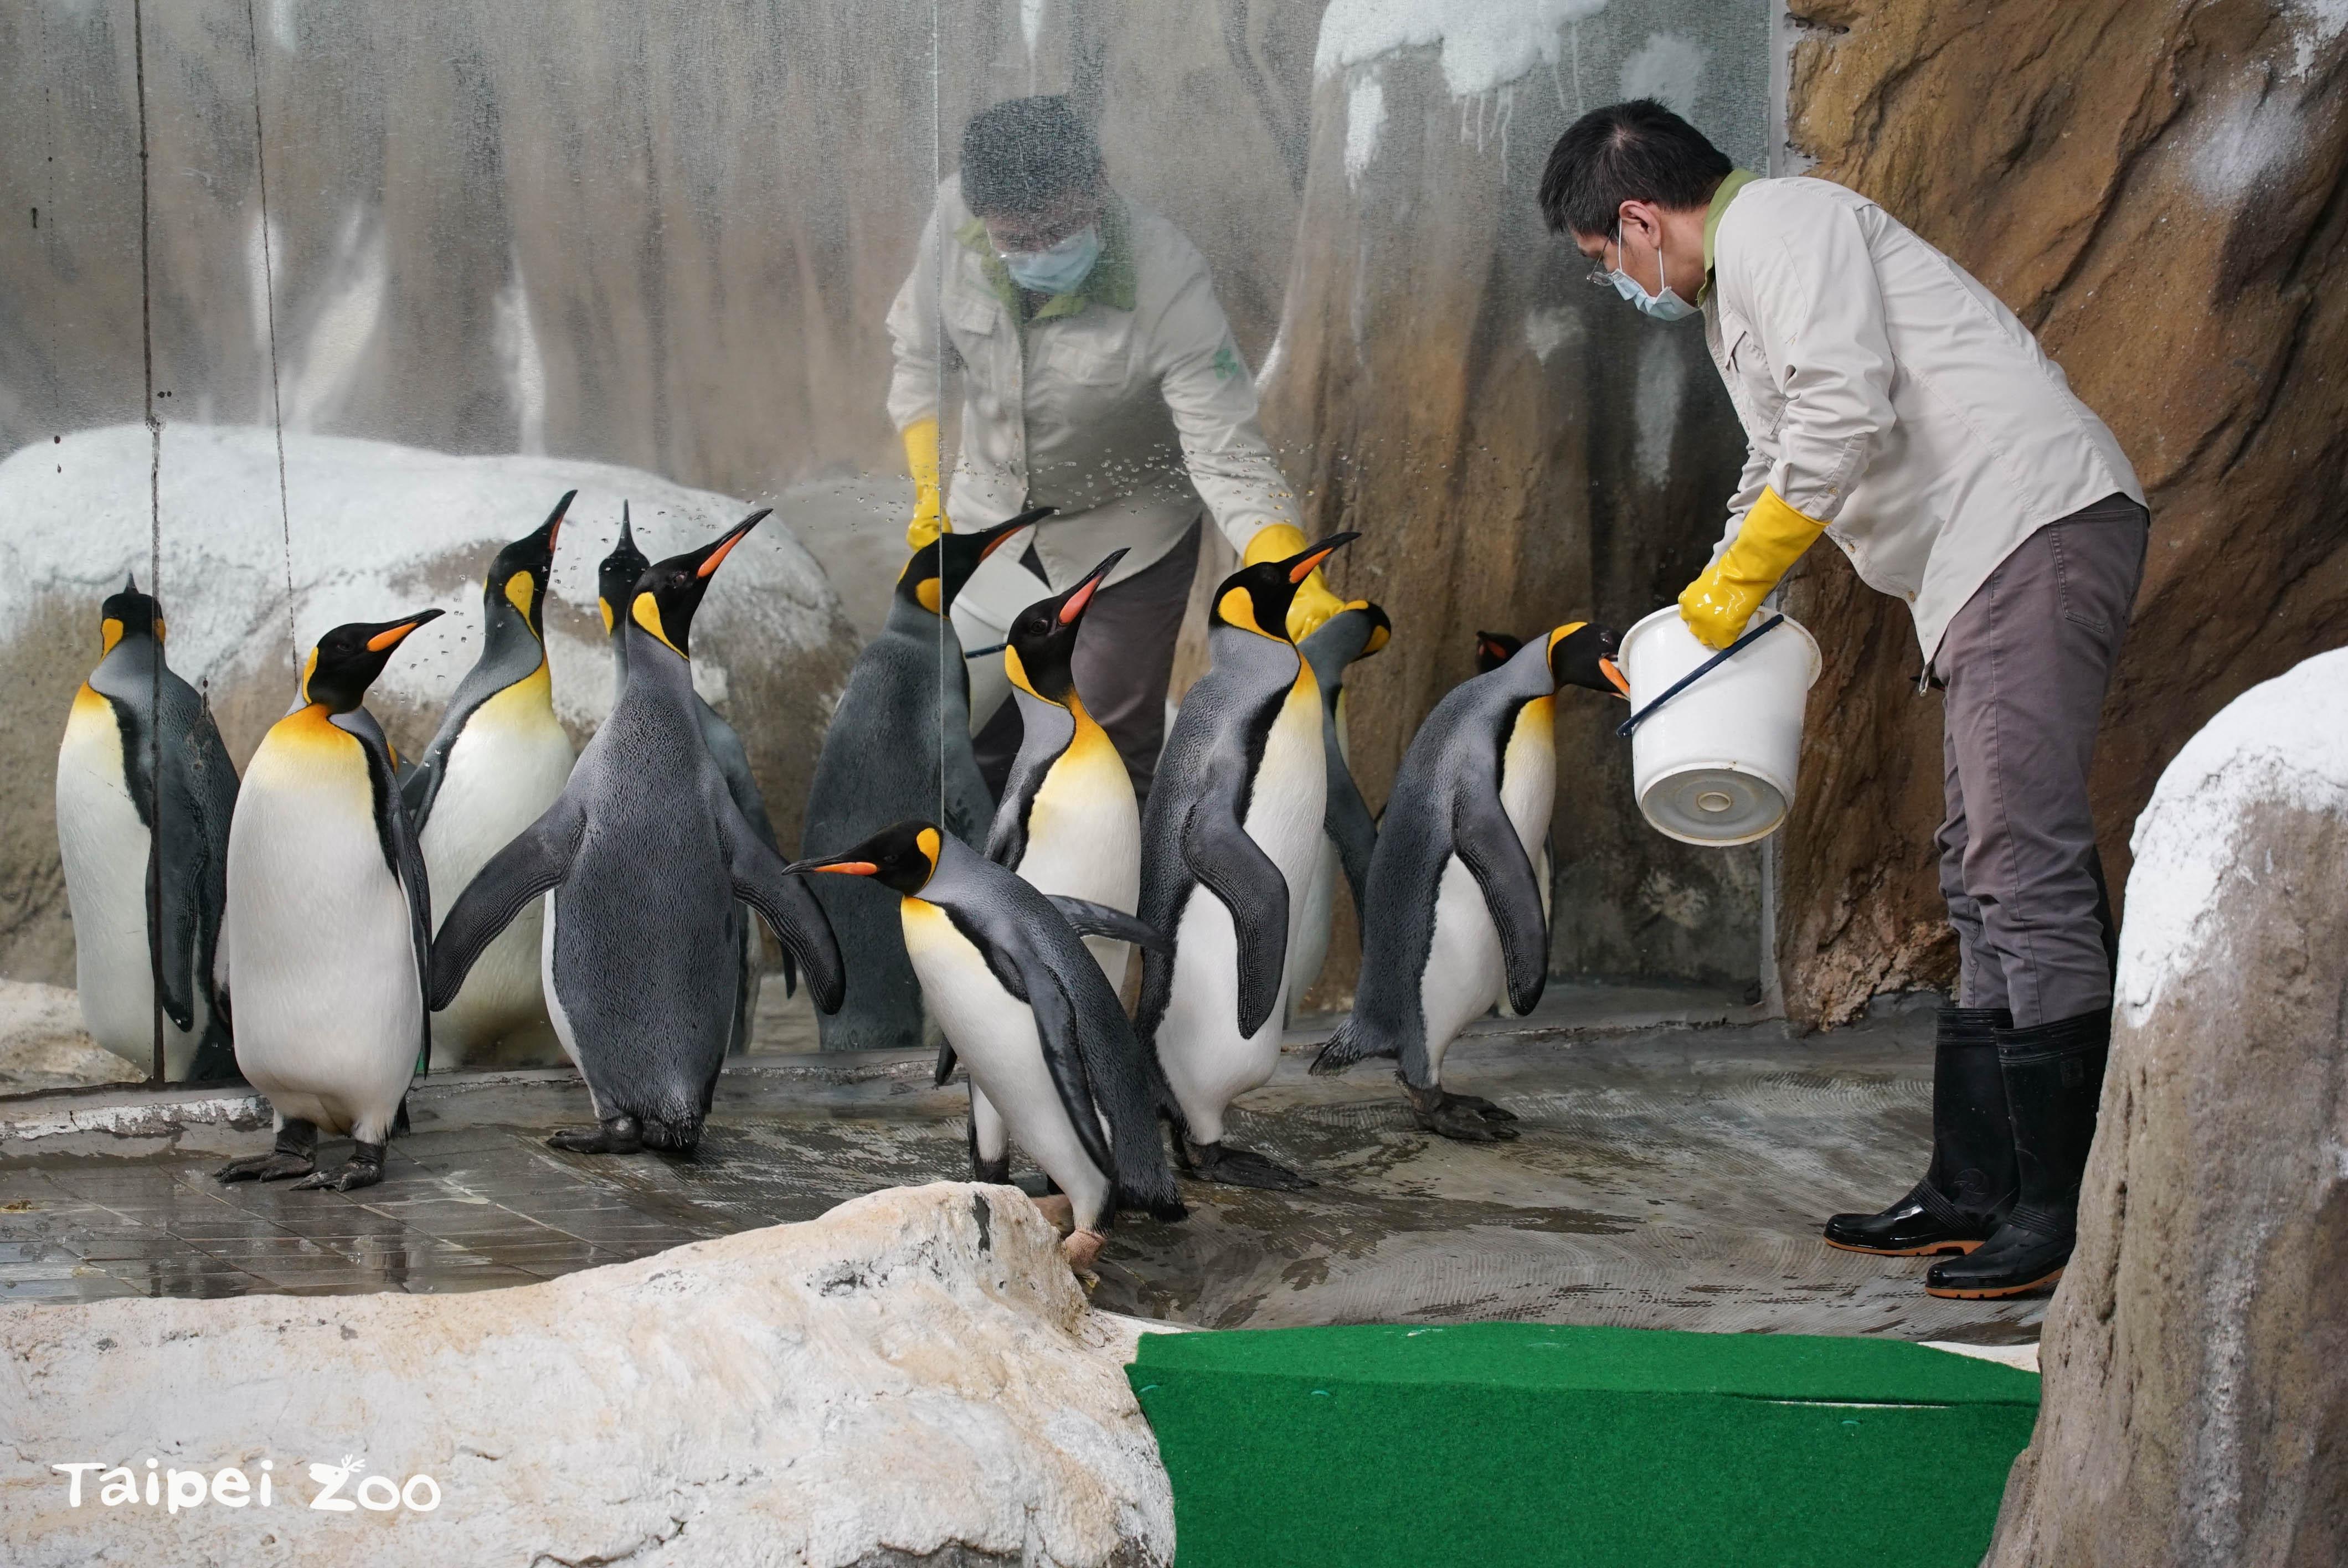 臺北市立動物園首度引進的國王企鵝,轉眼將在園內度過第21個年頭